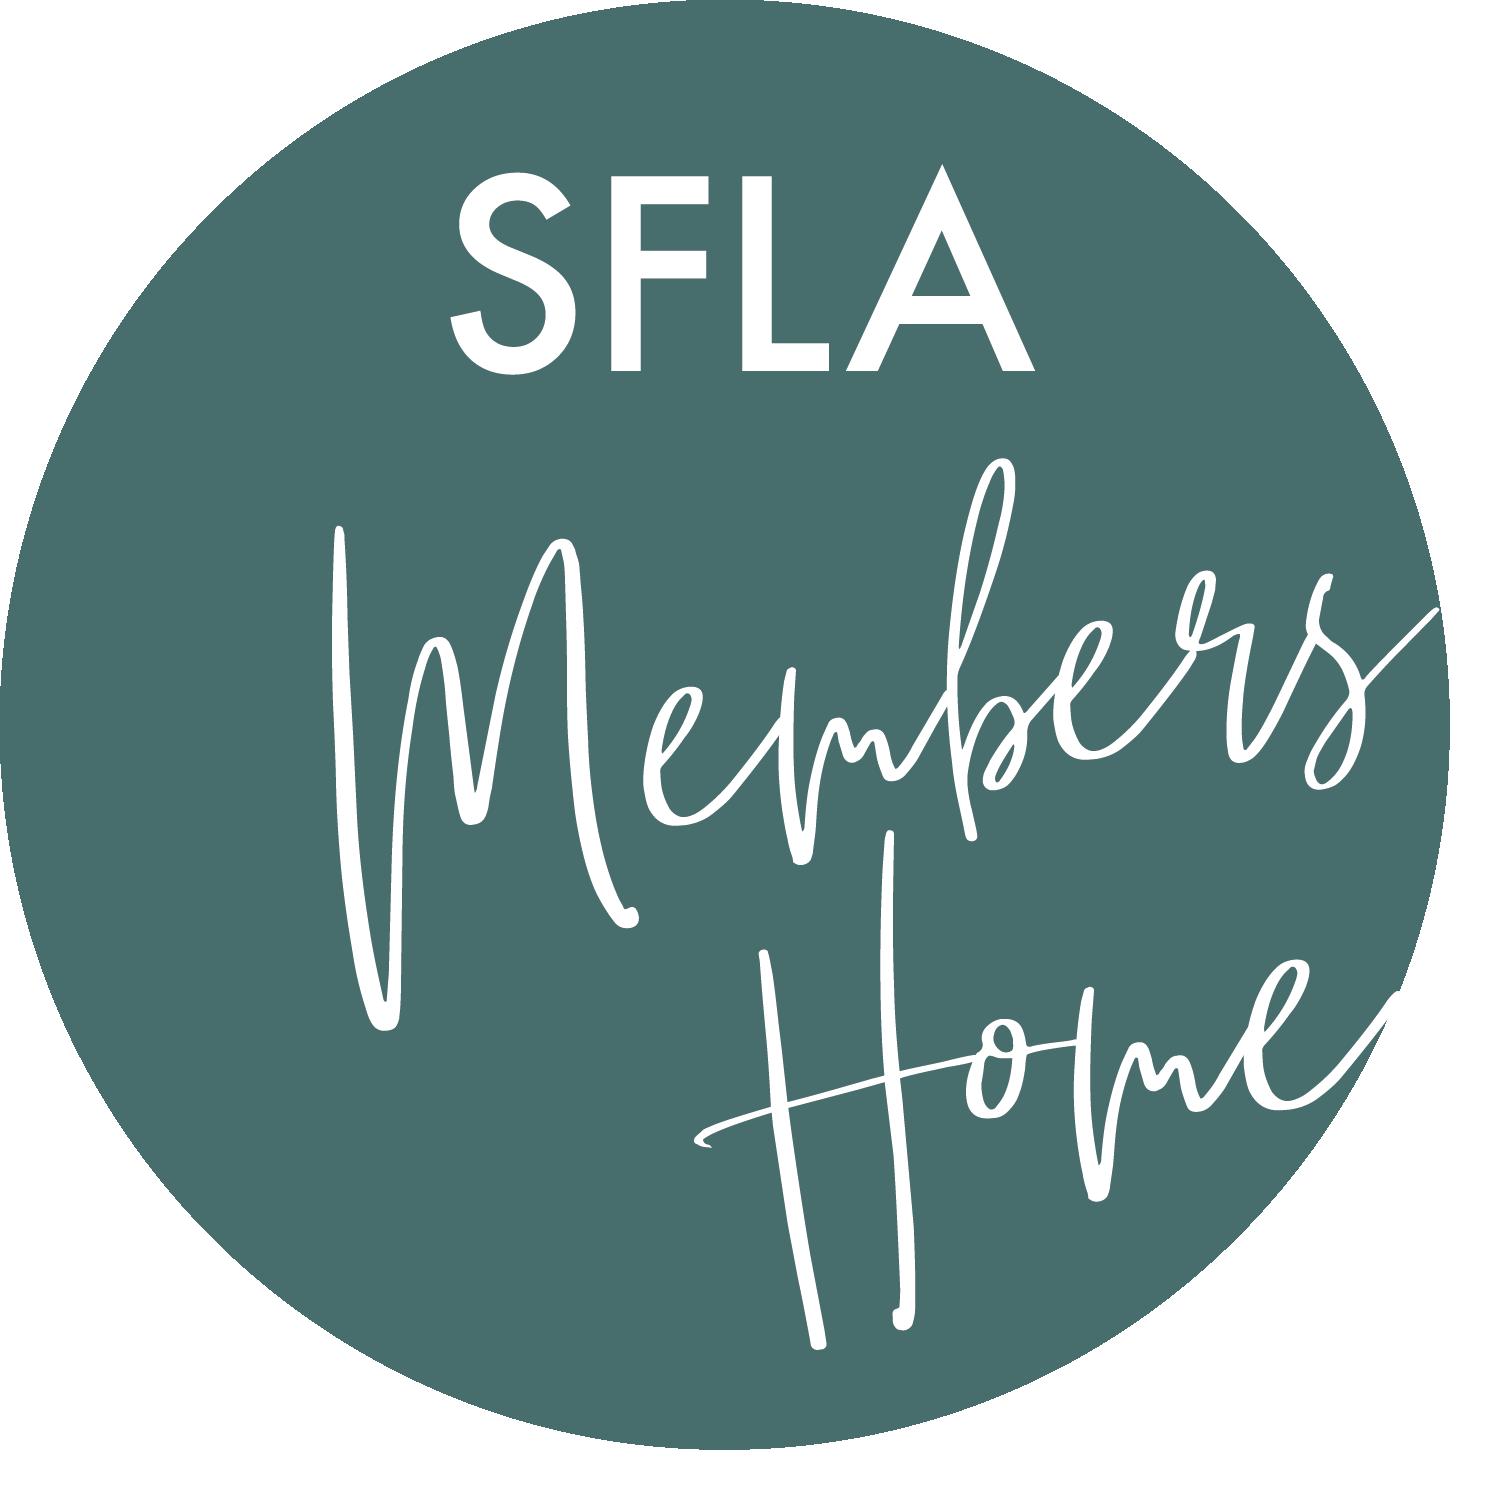 Members home